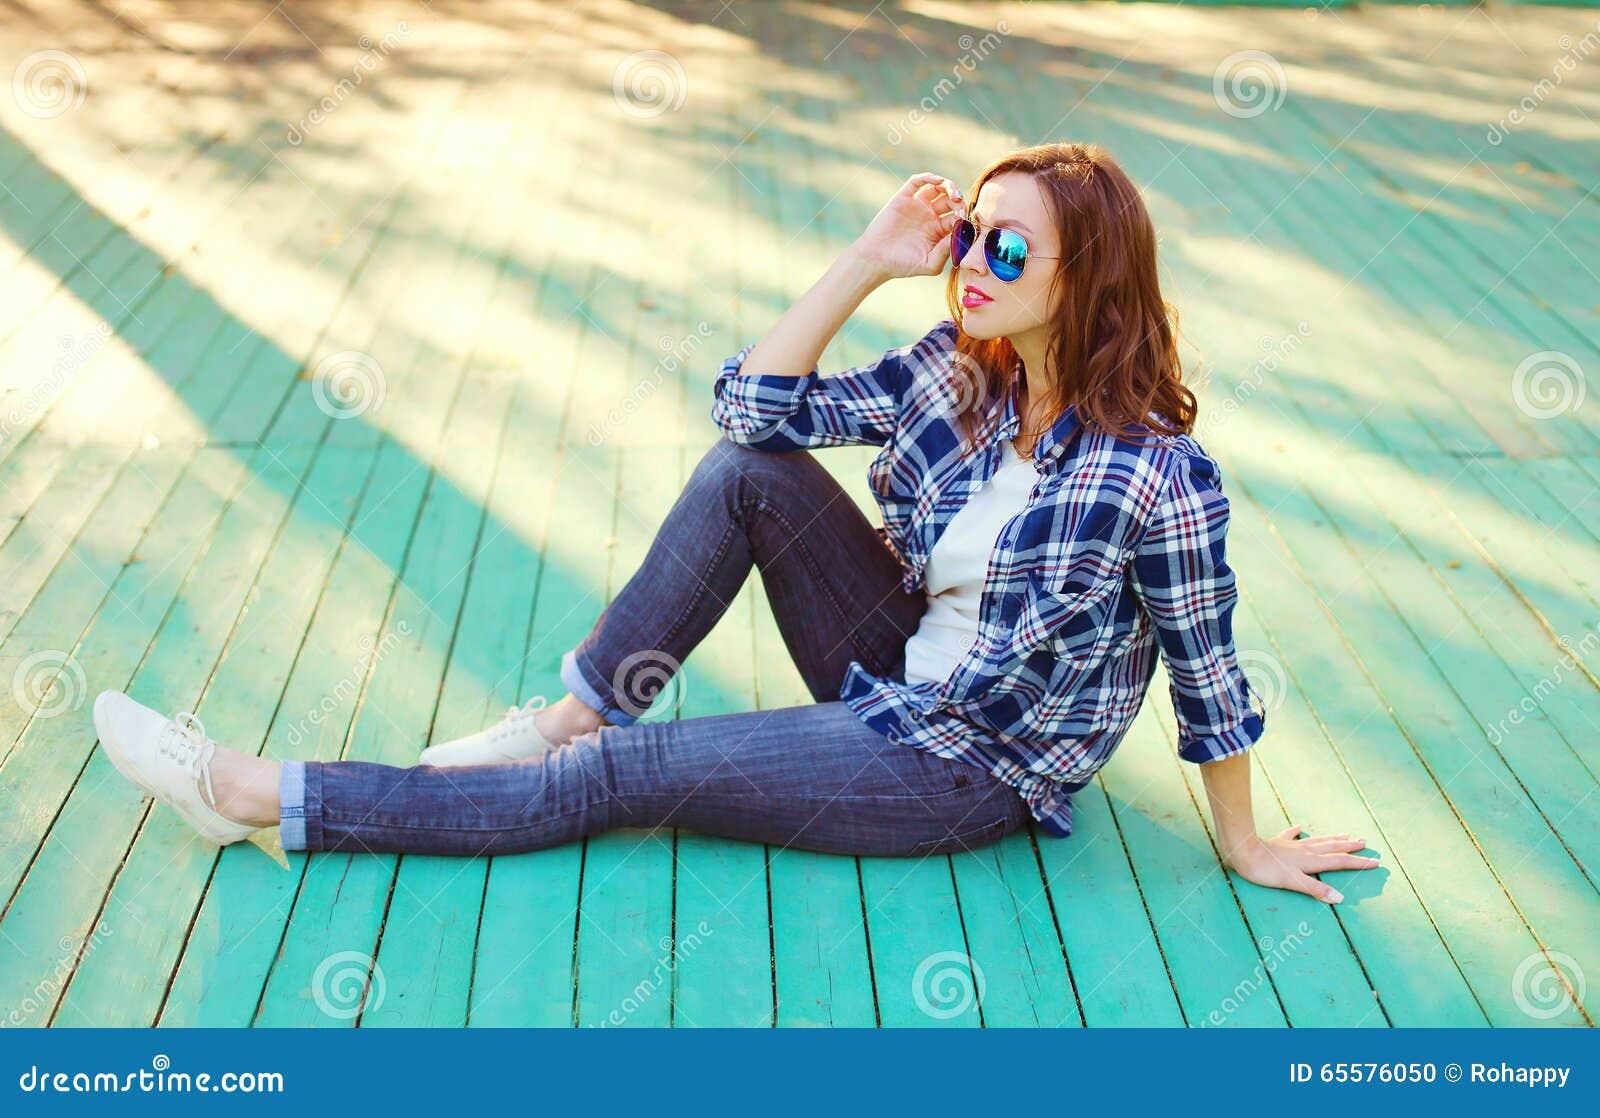 Forme a vestir bonito da mulher óculos de sol e a camisa quadriculado